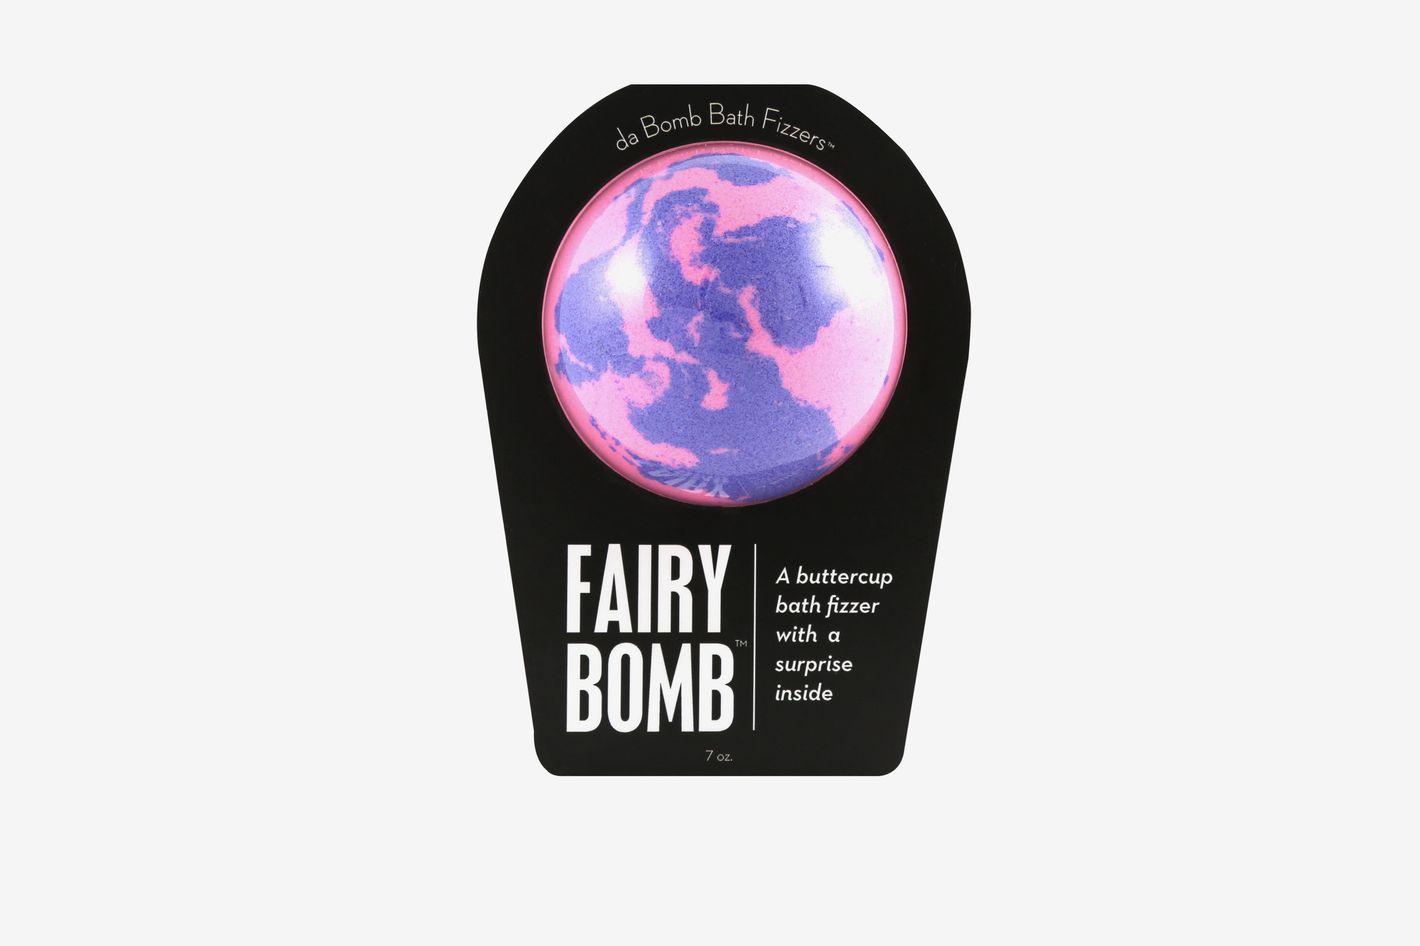 Da Bomb Fairy Bomb